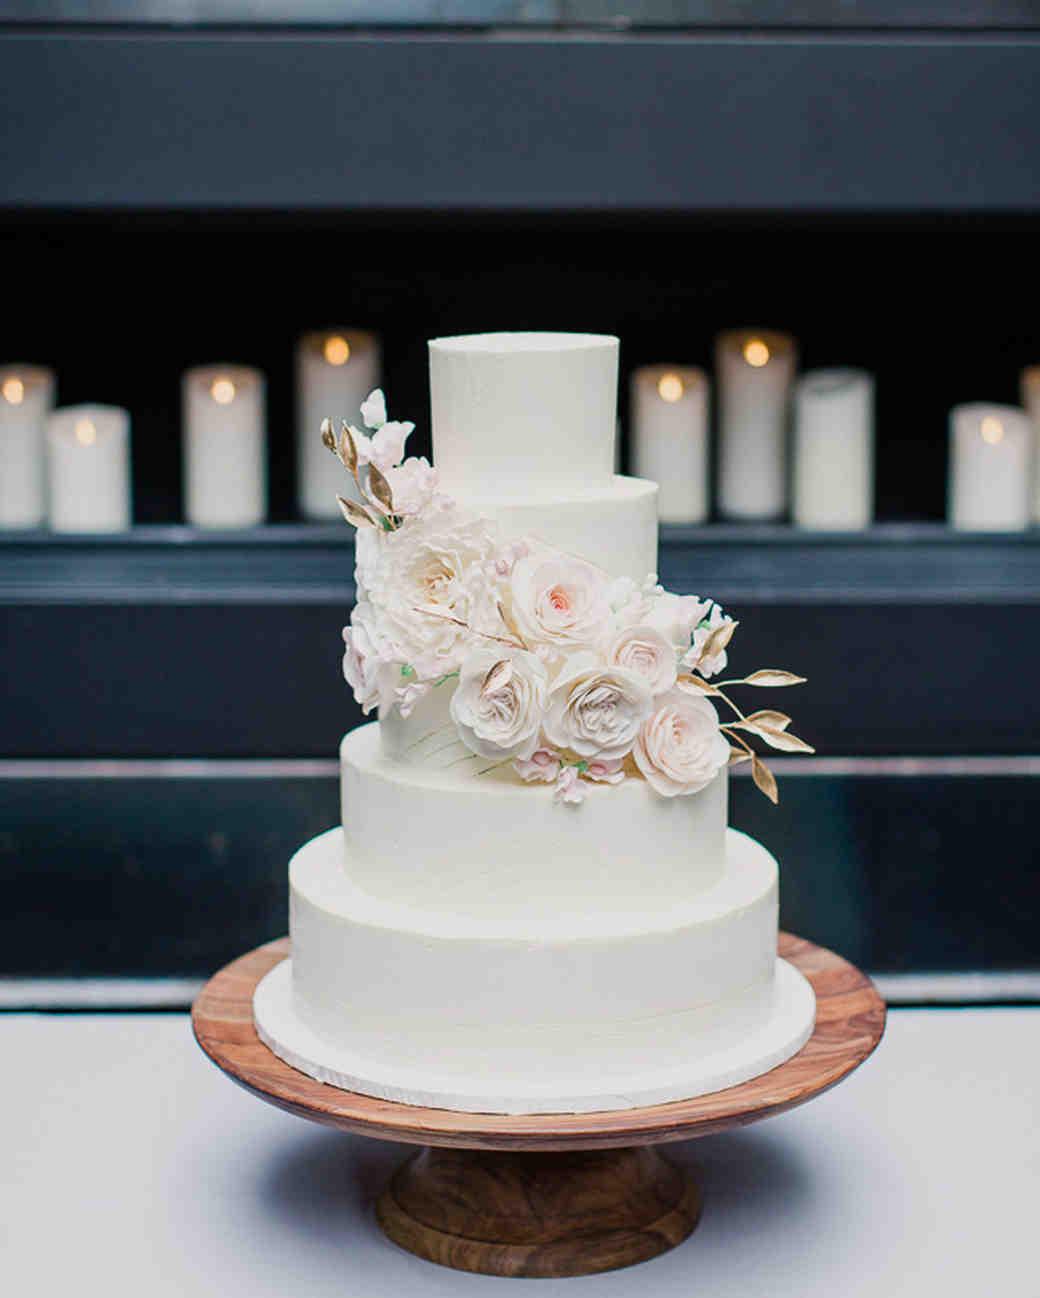 White Wedding Cakes  104 White Wedding Cakes That Make the Case for Going